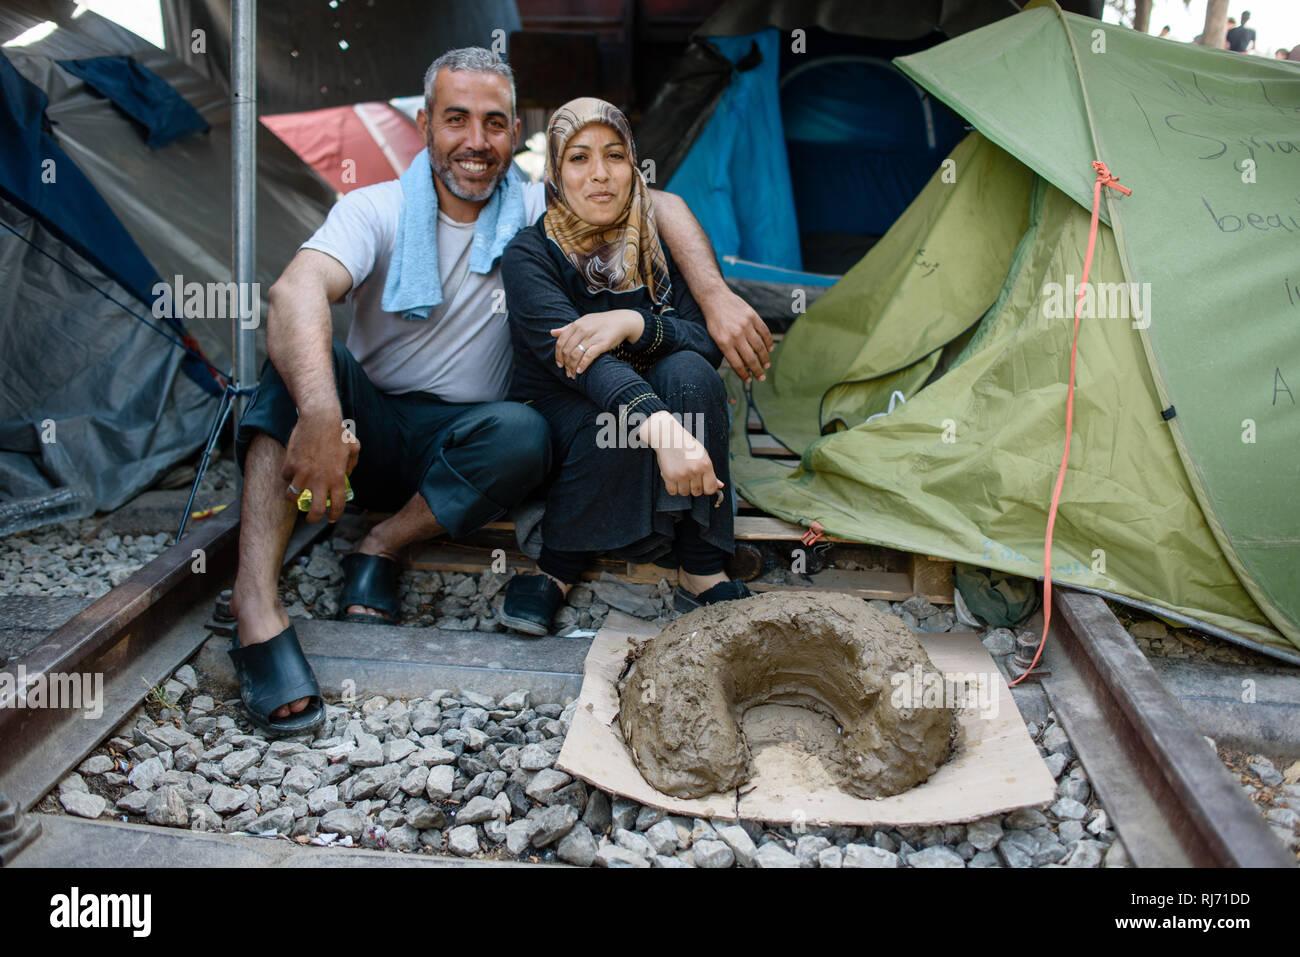 Ein Ehepaar aus Syrien im Flüchtlingscamp von Idomeni in Griechenland an der Grenze nach Mazedonien, April 2016. Dieses Gebilde im Vordergrund ist ein - Stock Image